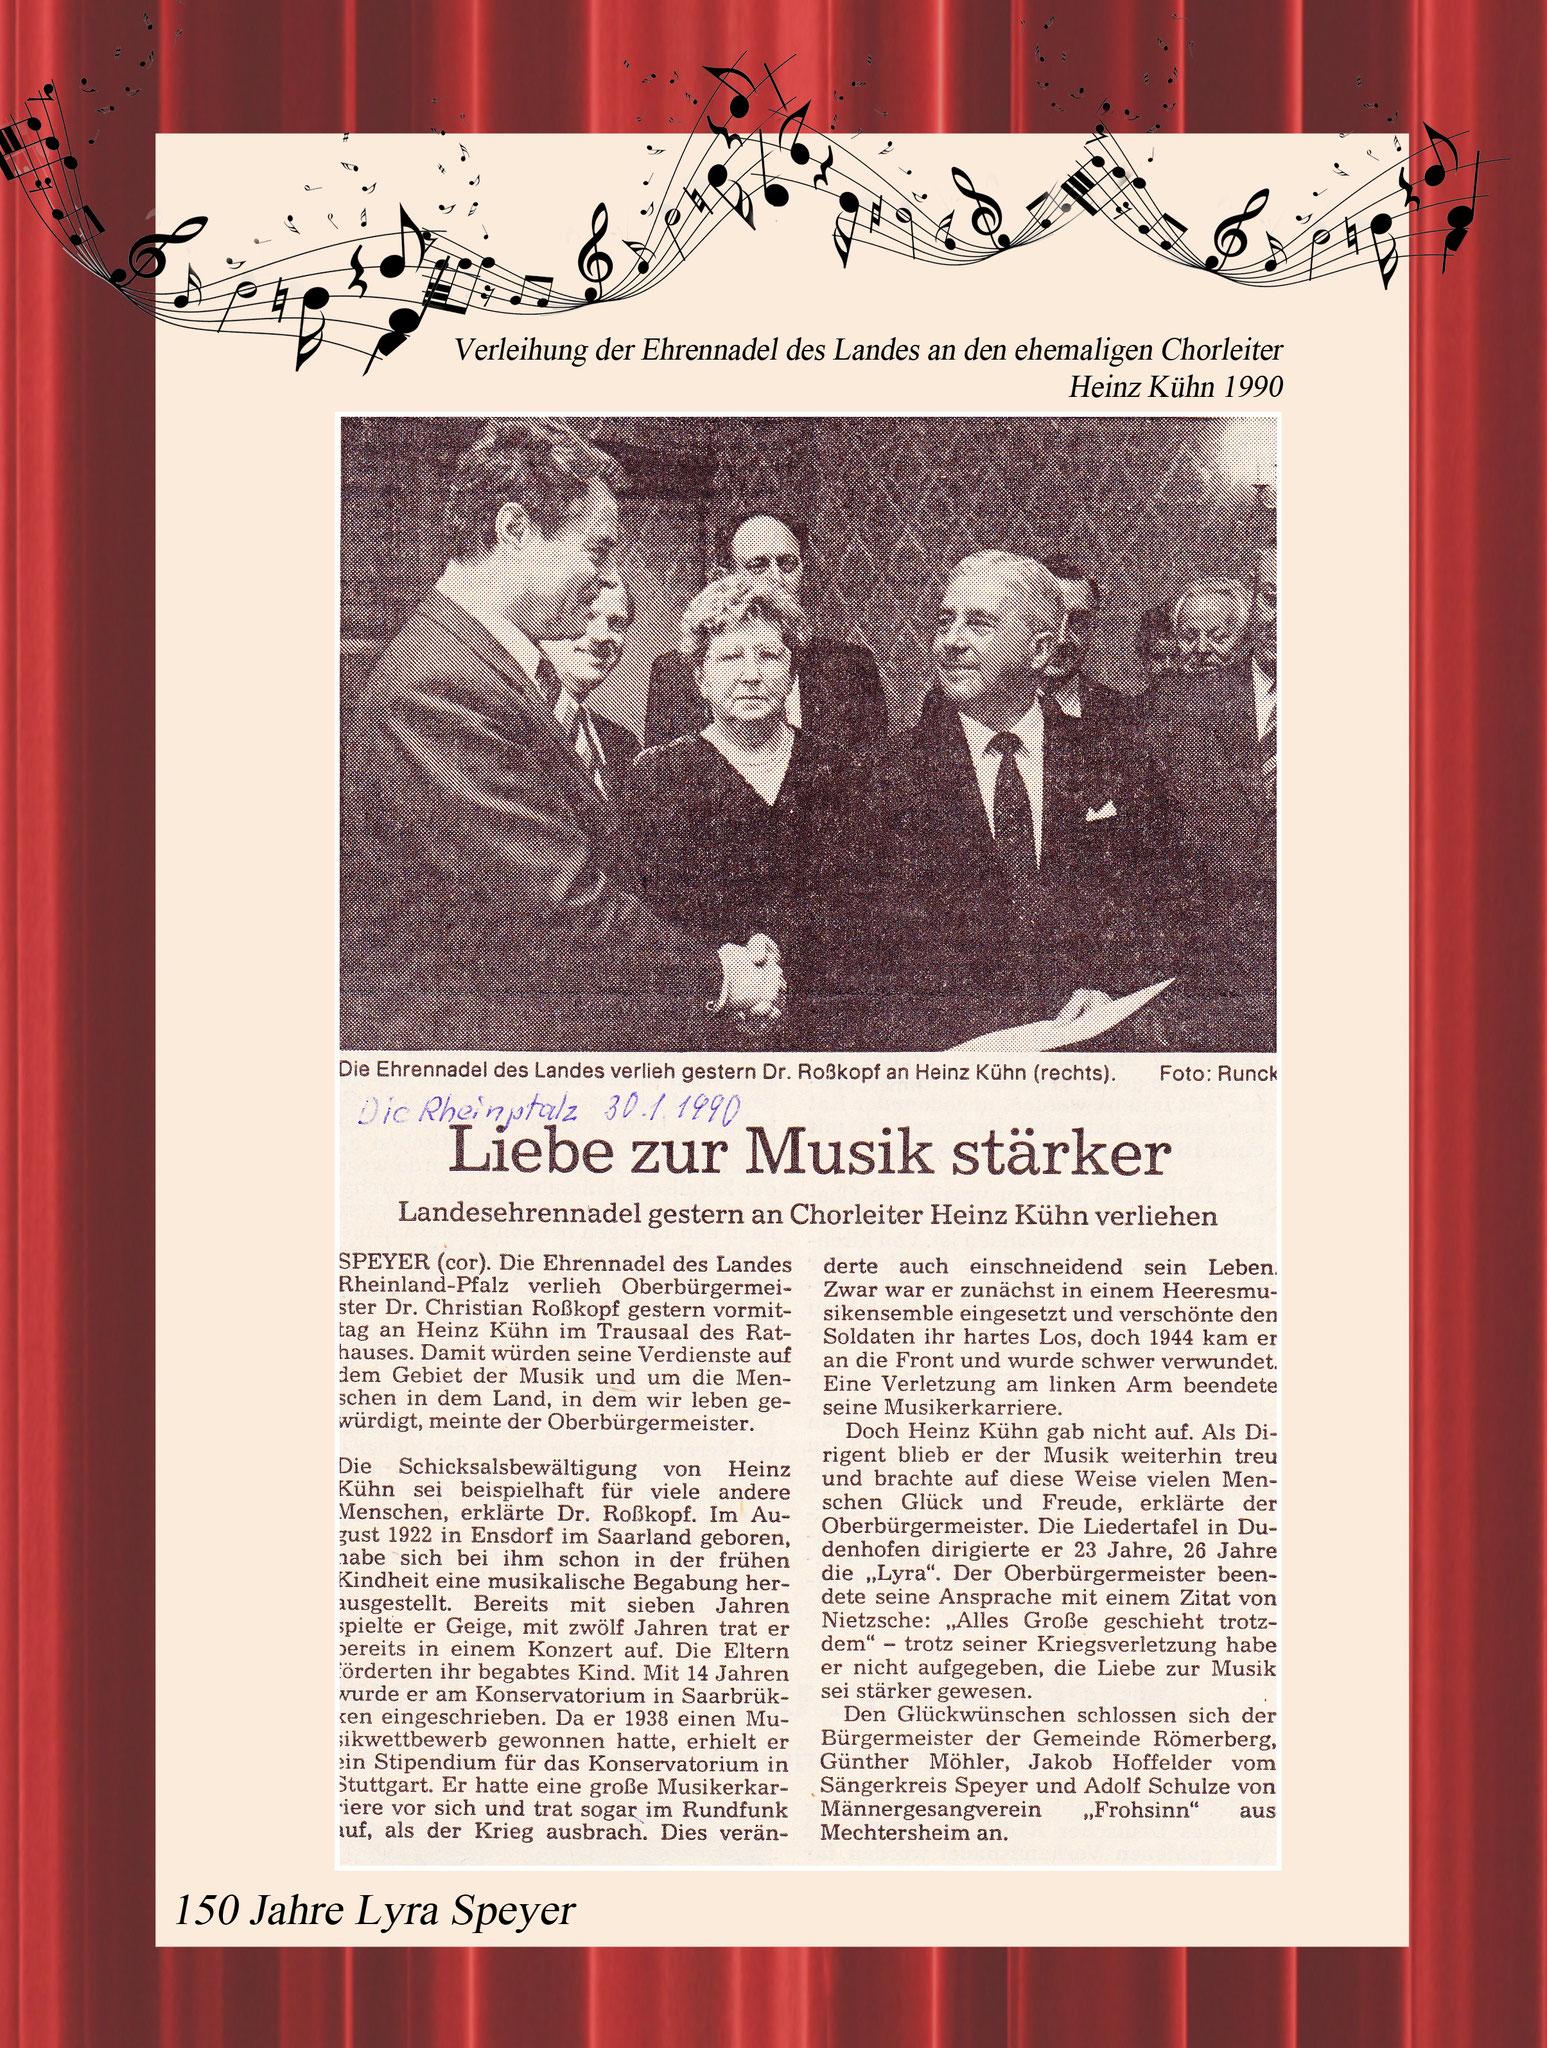 Verleihung der Ehrennadel 1990